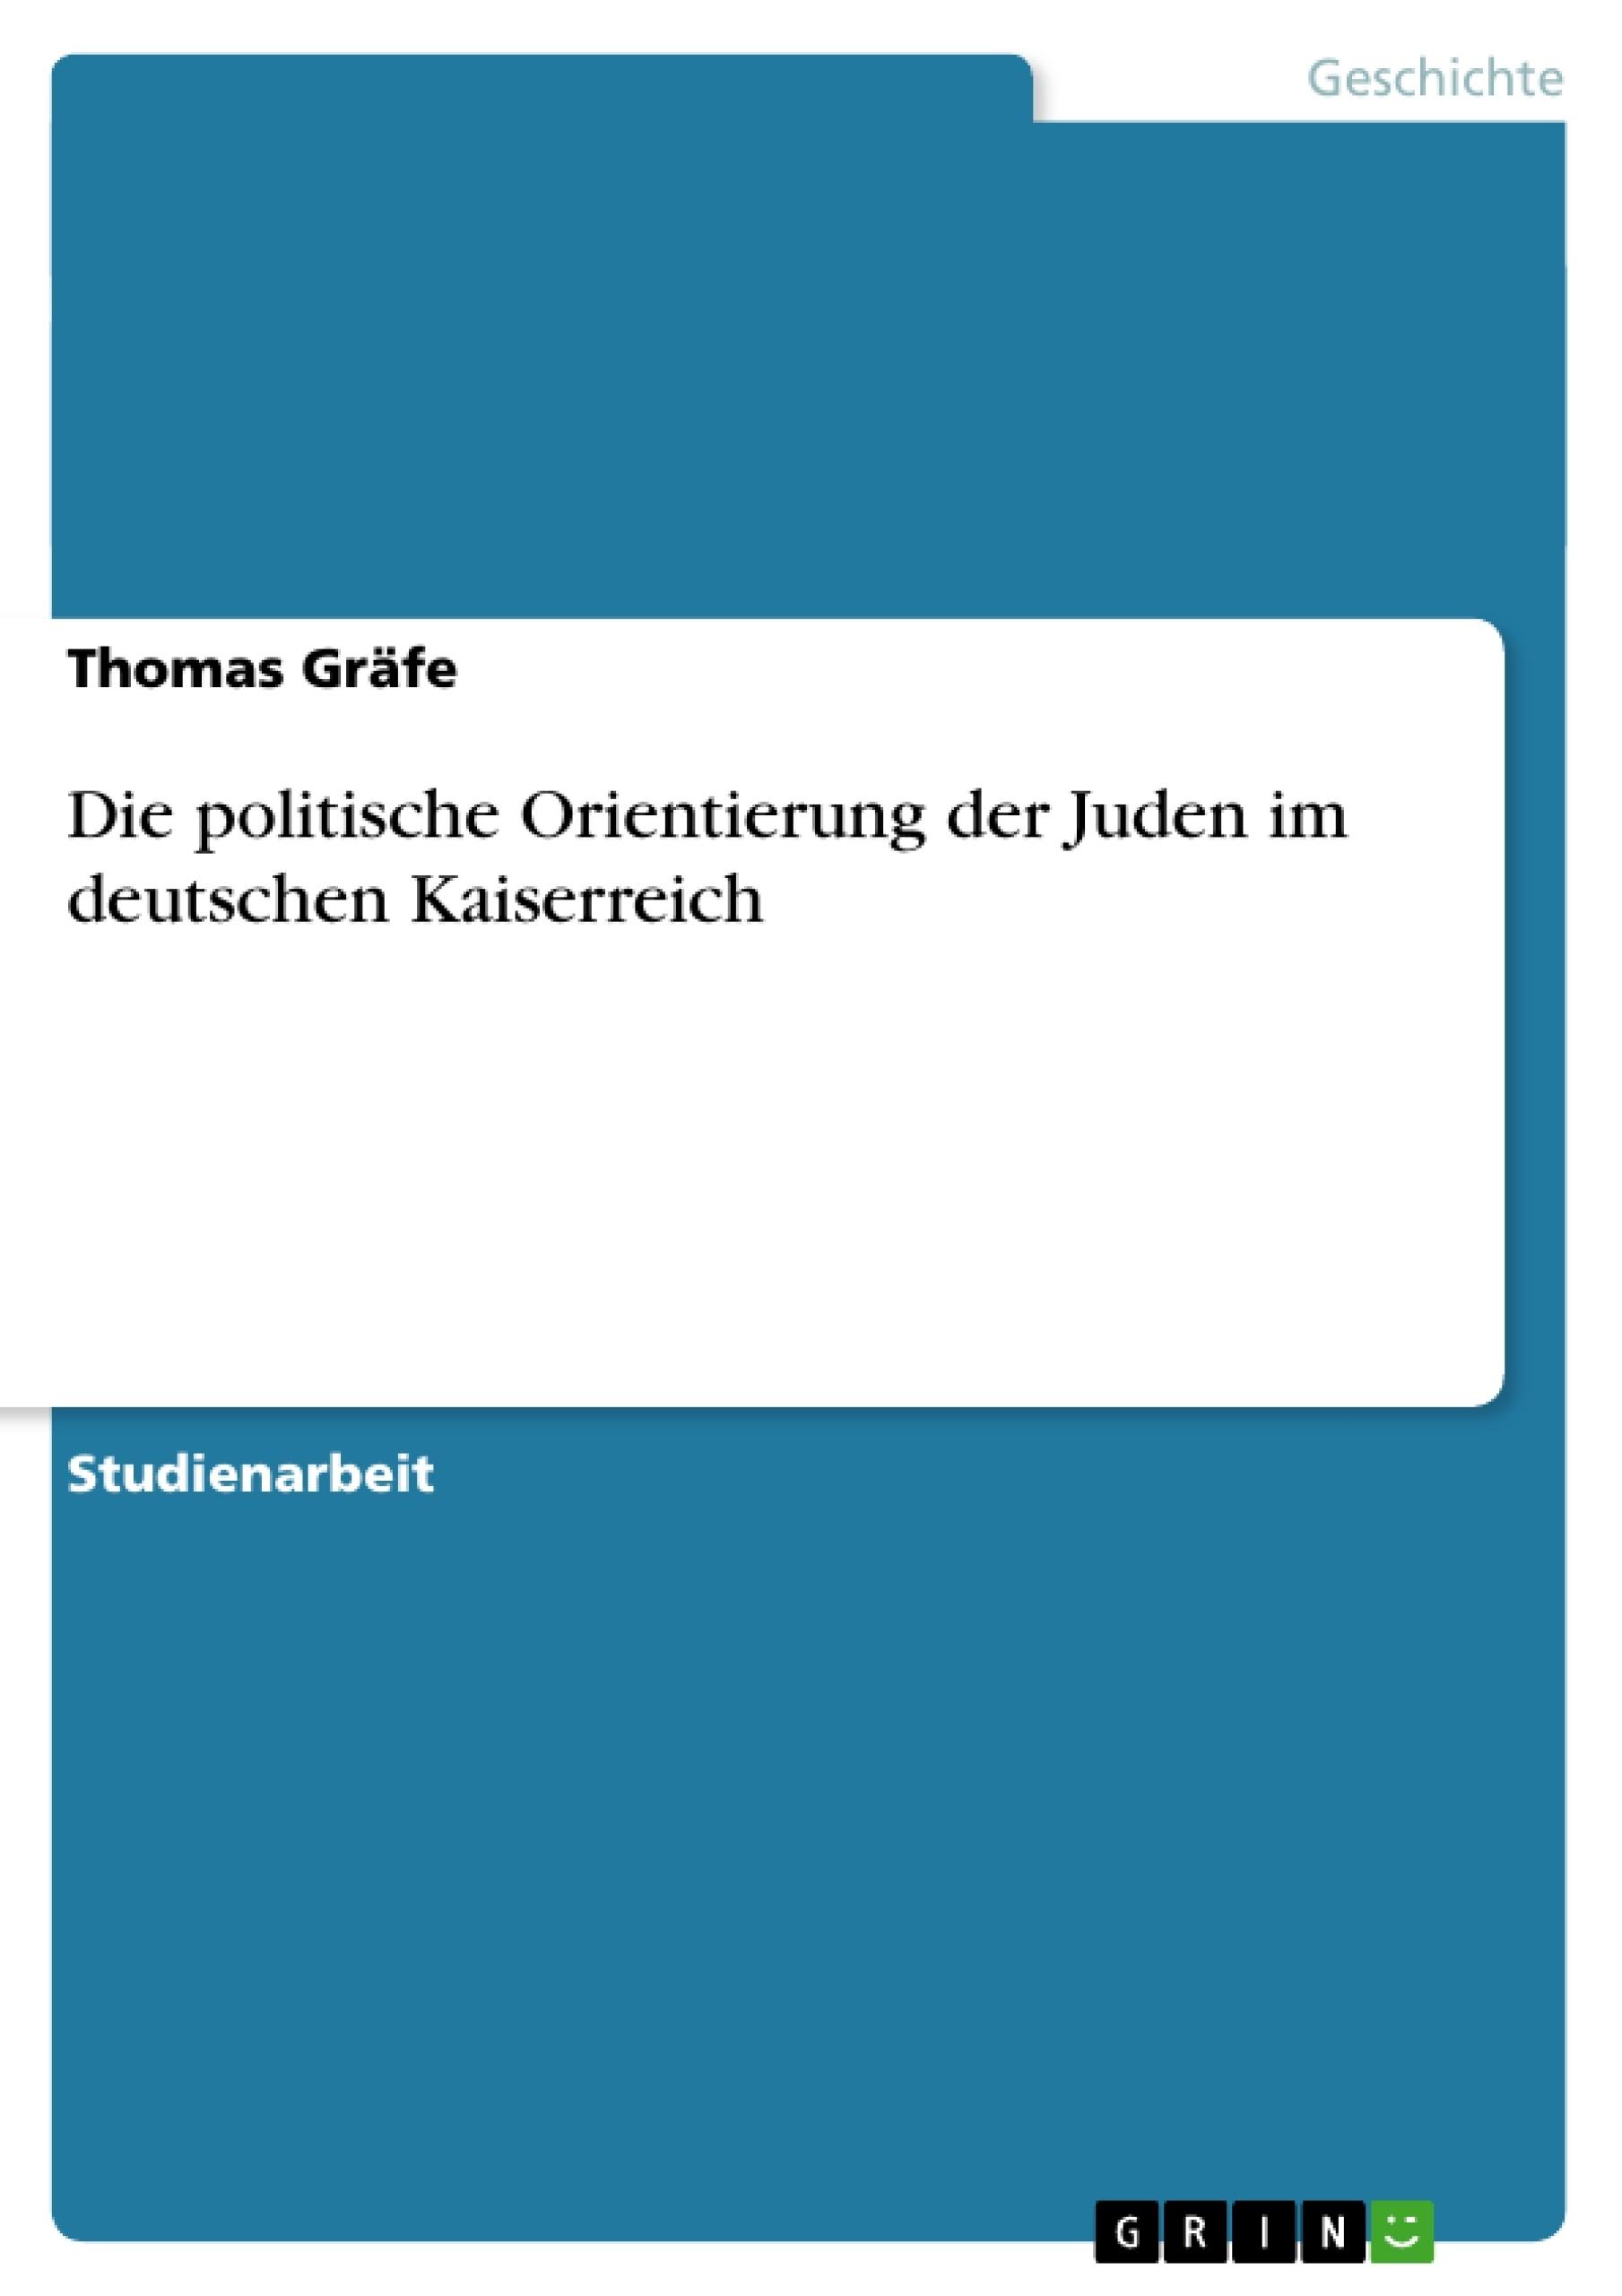 Titel: Die politische Orientierung der Juden im deutschen Kaiserreich